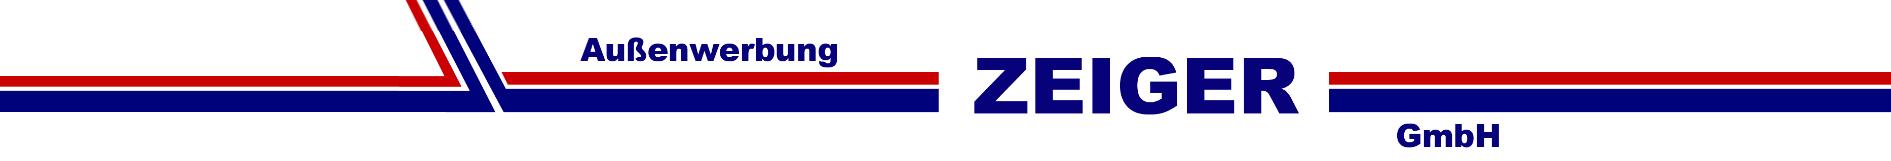 Außenwerbung Zeiger GmbH